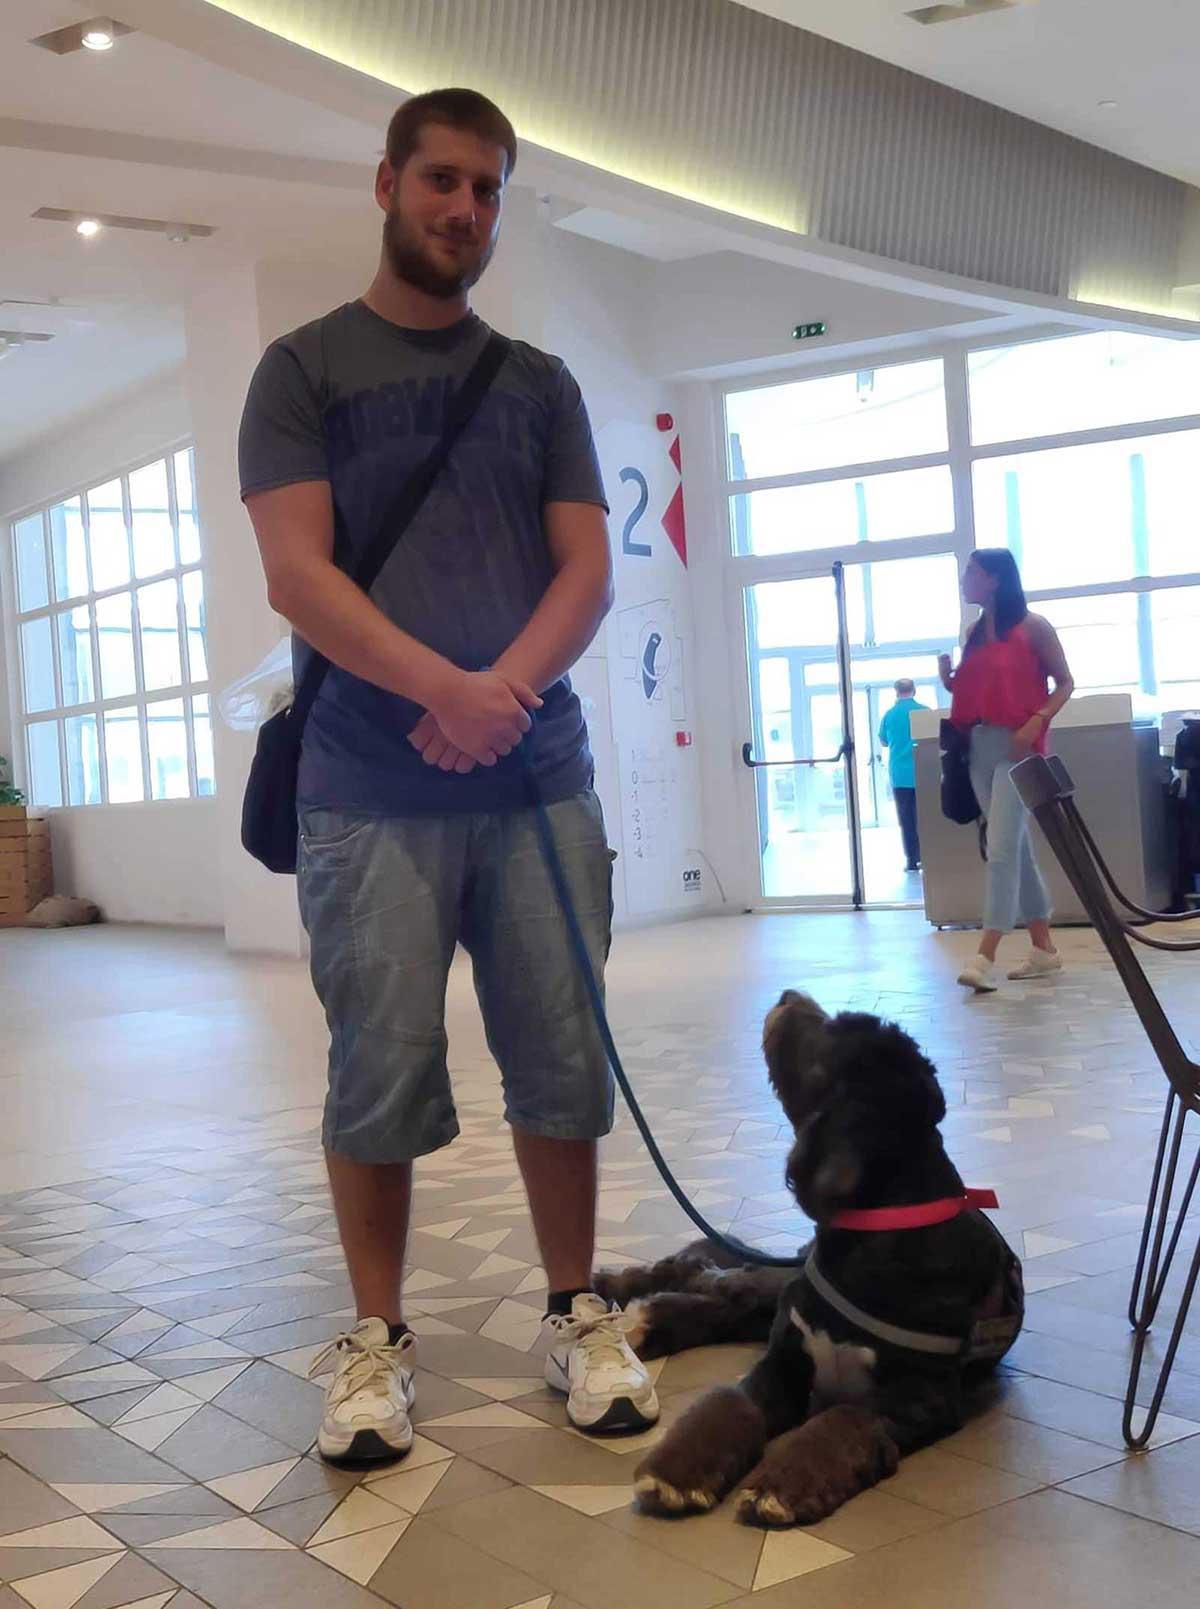 Σκύλος βοηθός σε συνέδριο